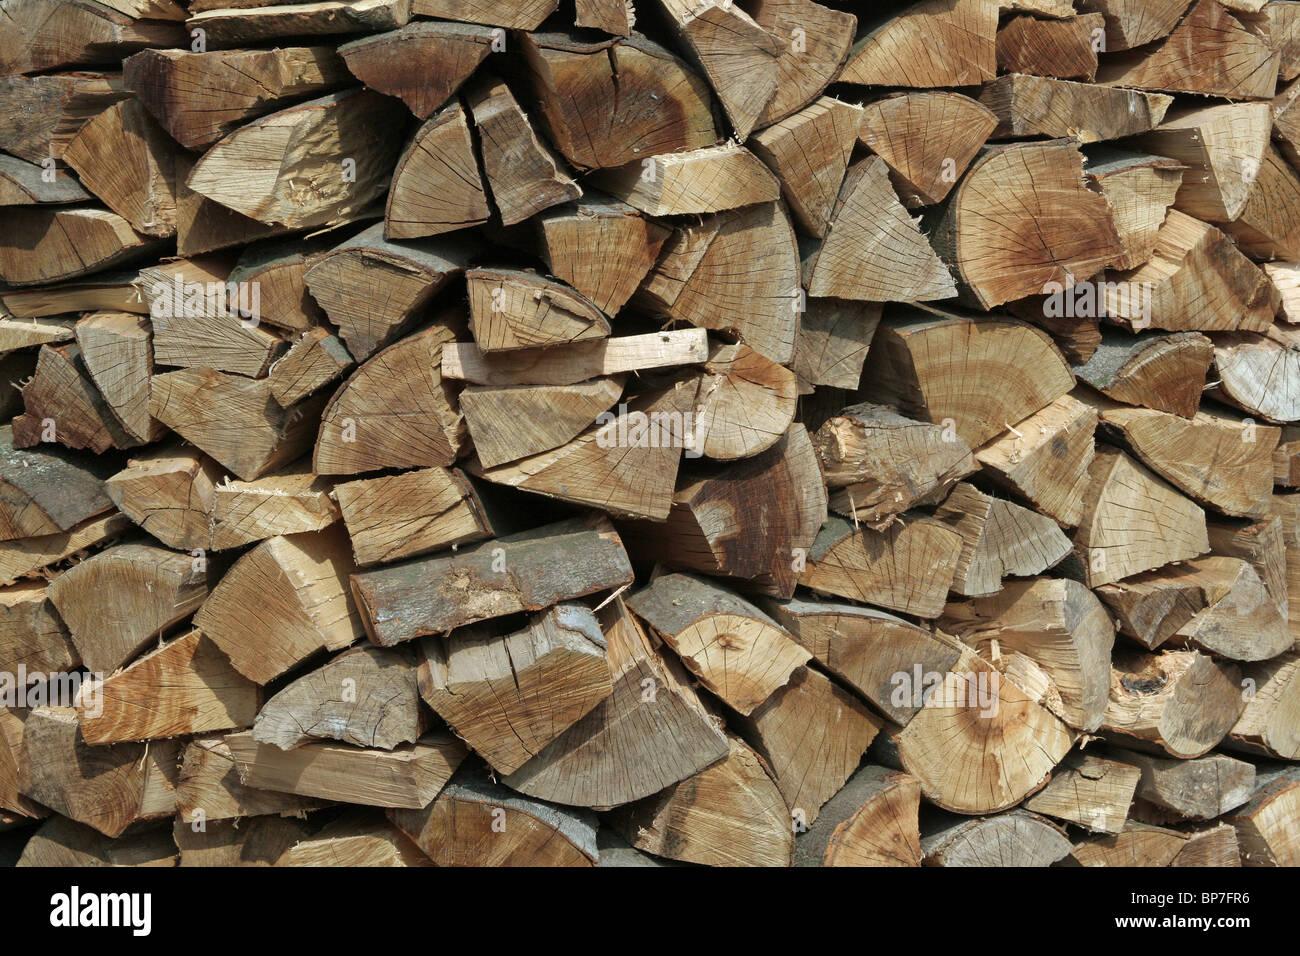 Madera cortada para la venta. Imagen De Stock